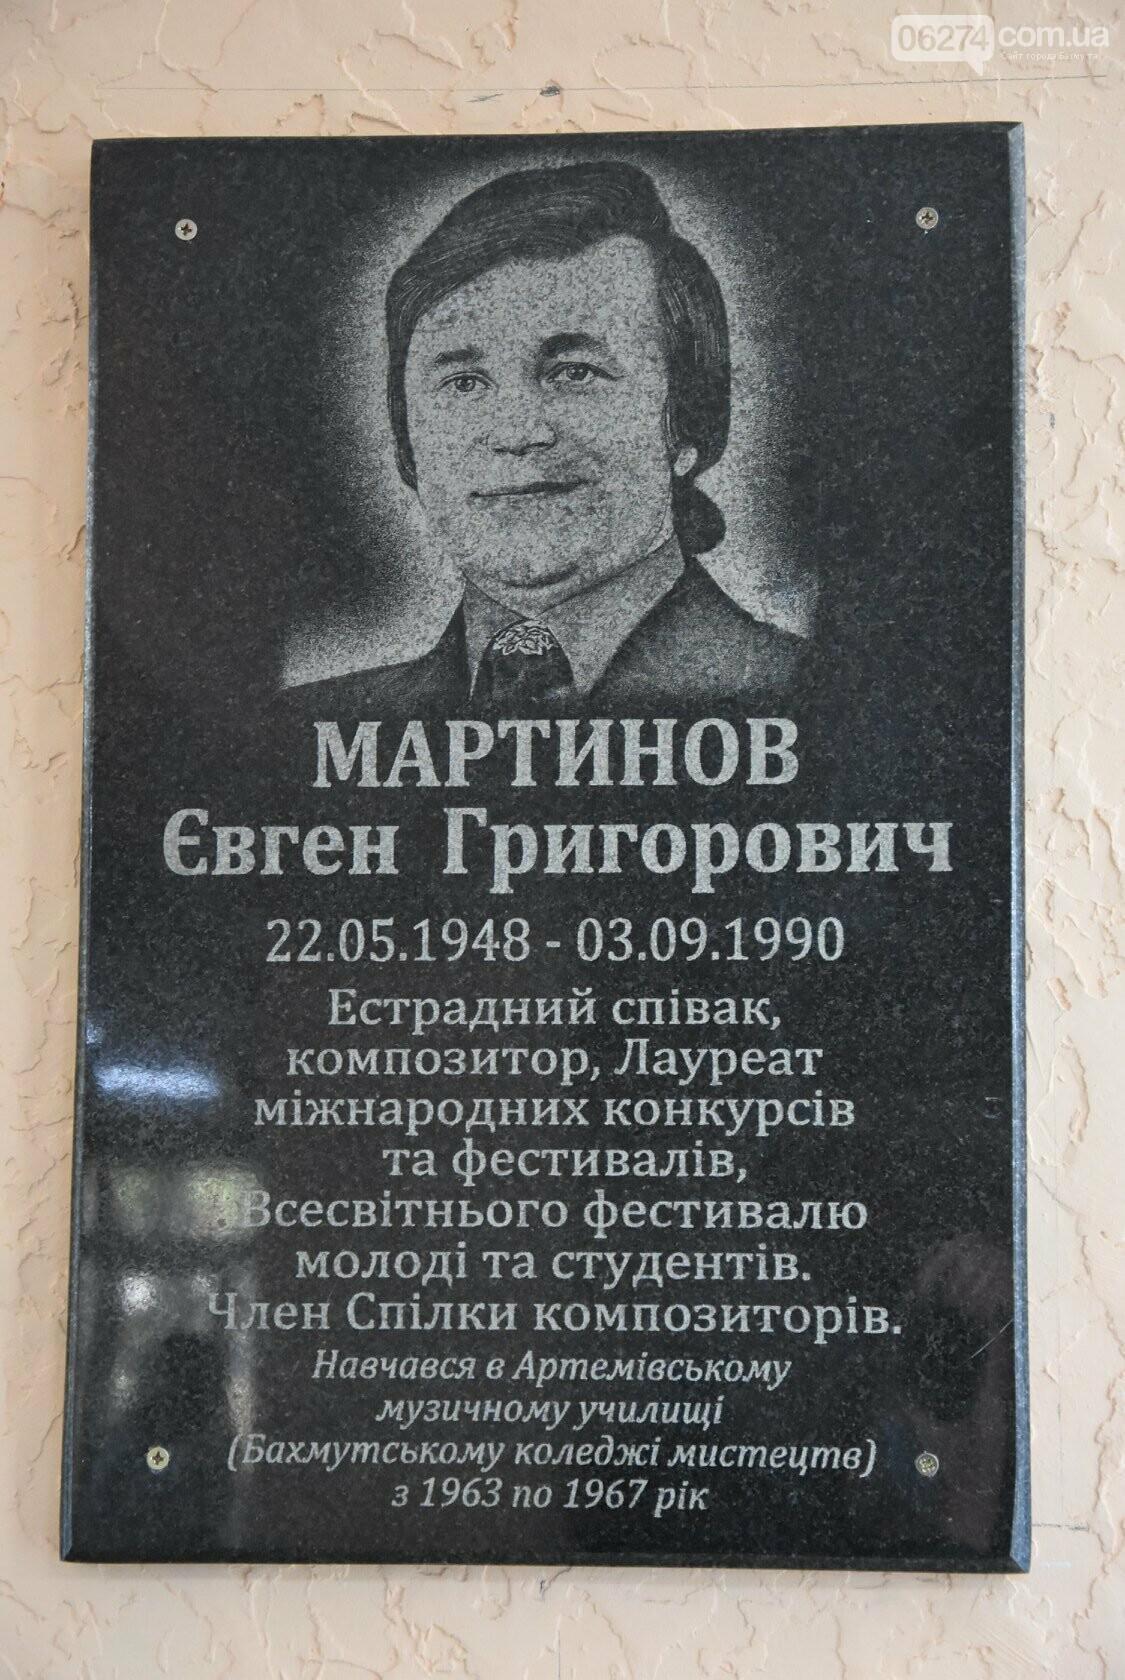 В Бахмуте открыли мемориальную доску Евгению Мартынову, фото-1